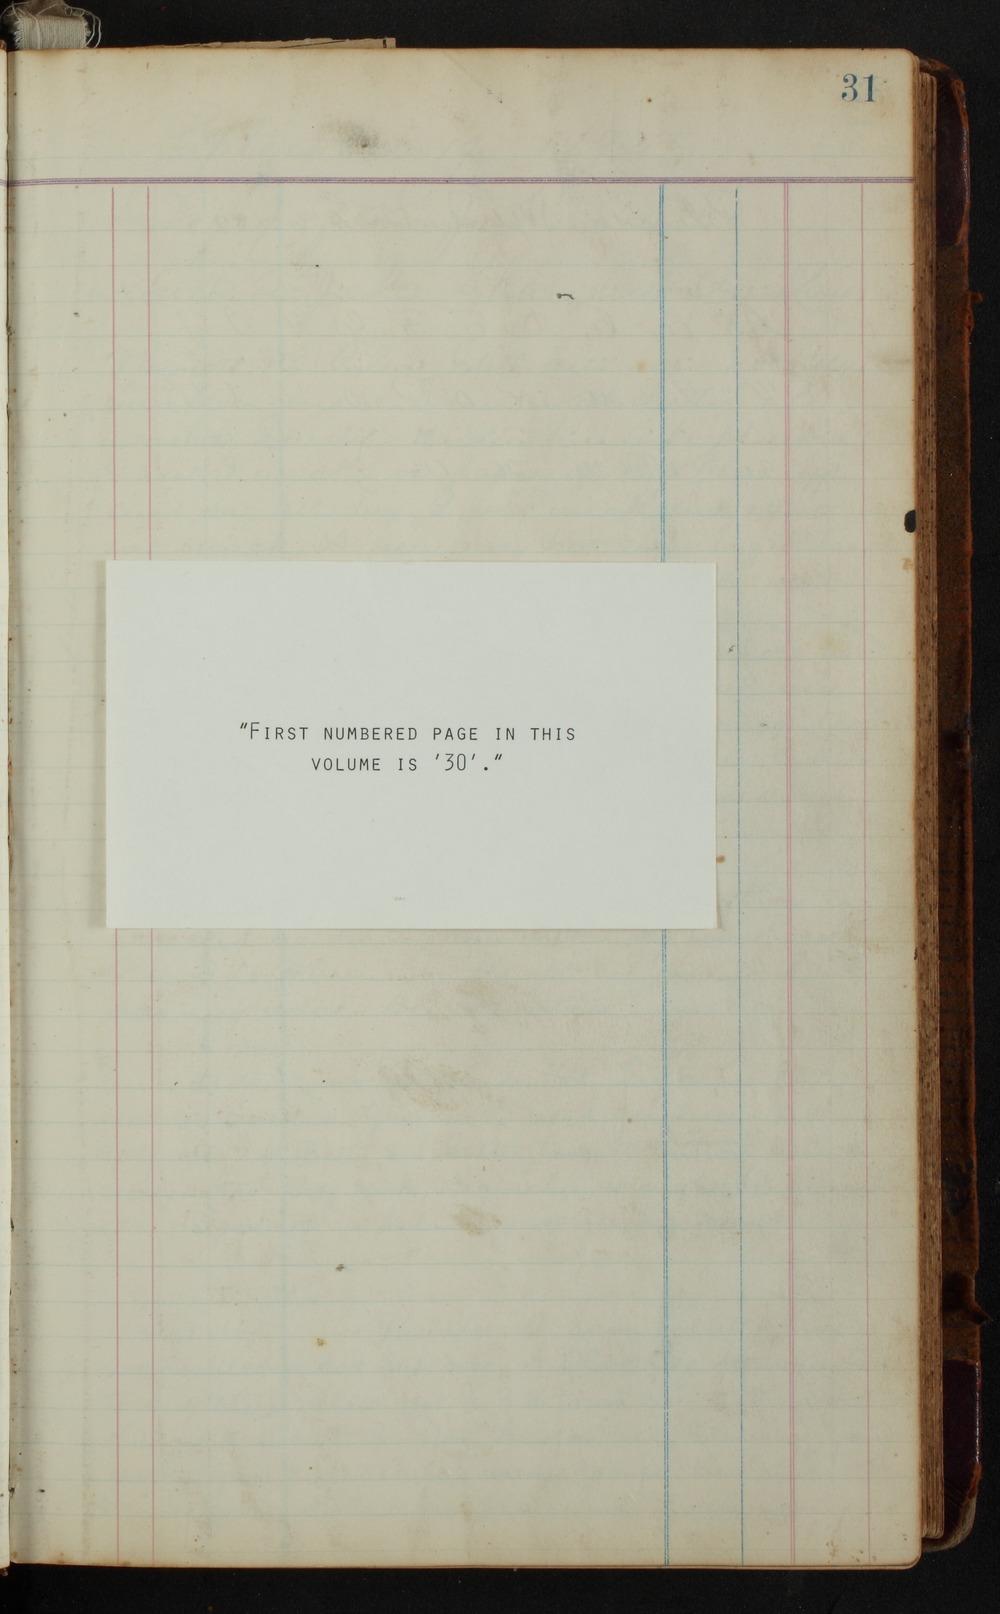 Samuel Reader's diary, volume 14 - 31